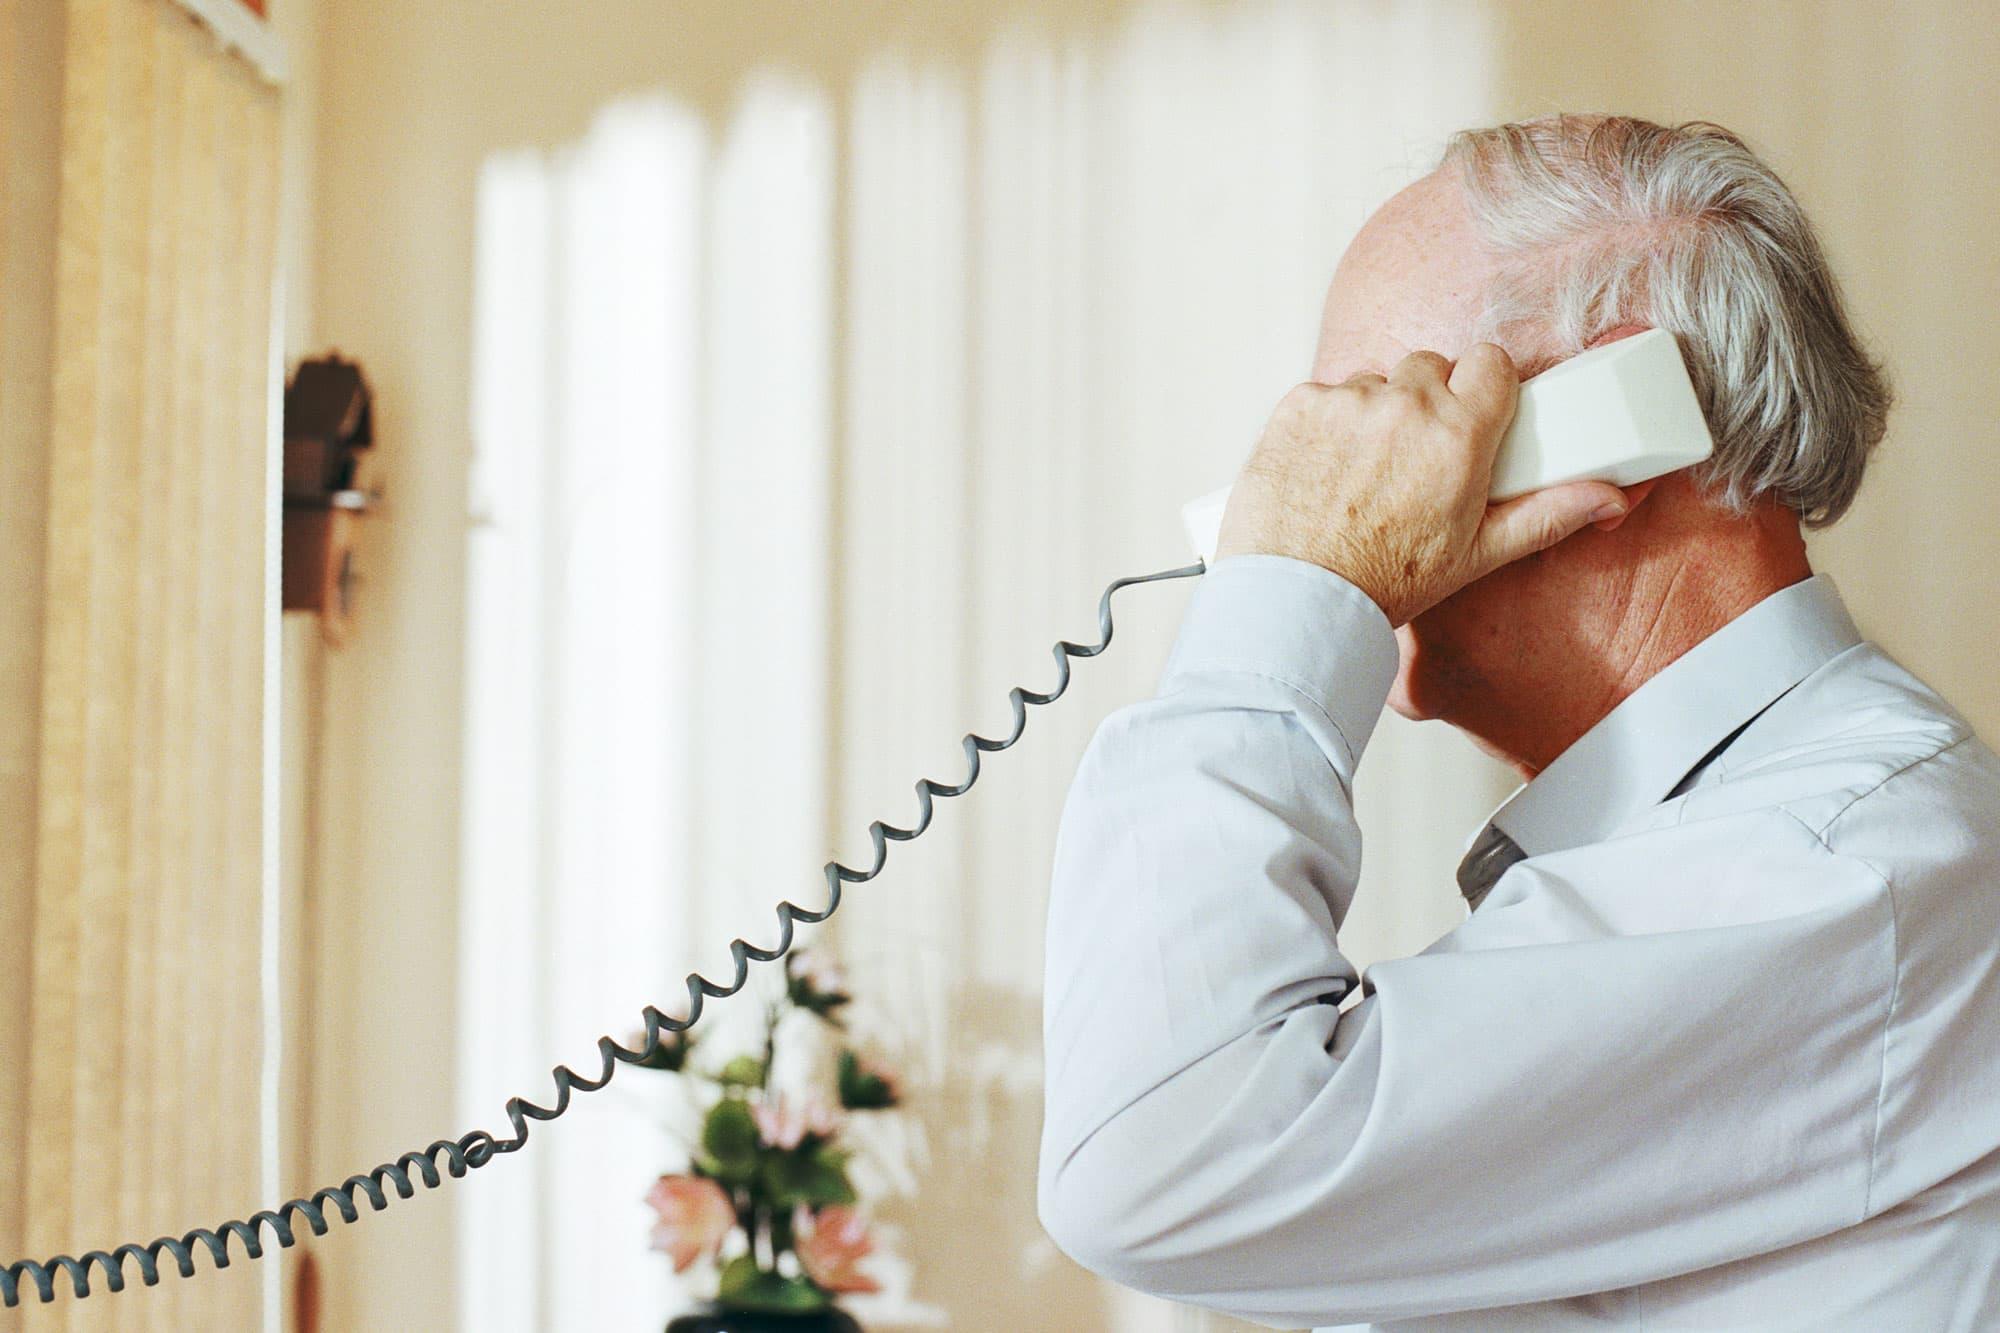 Elder financial abuse is a multibillion-dollar problem